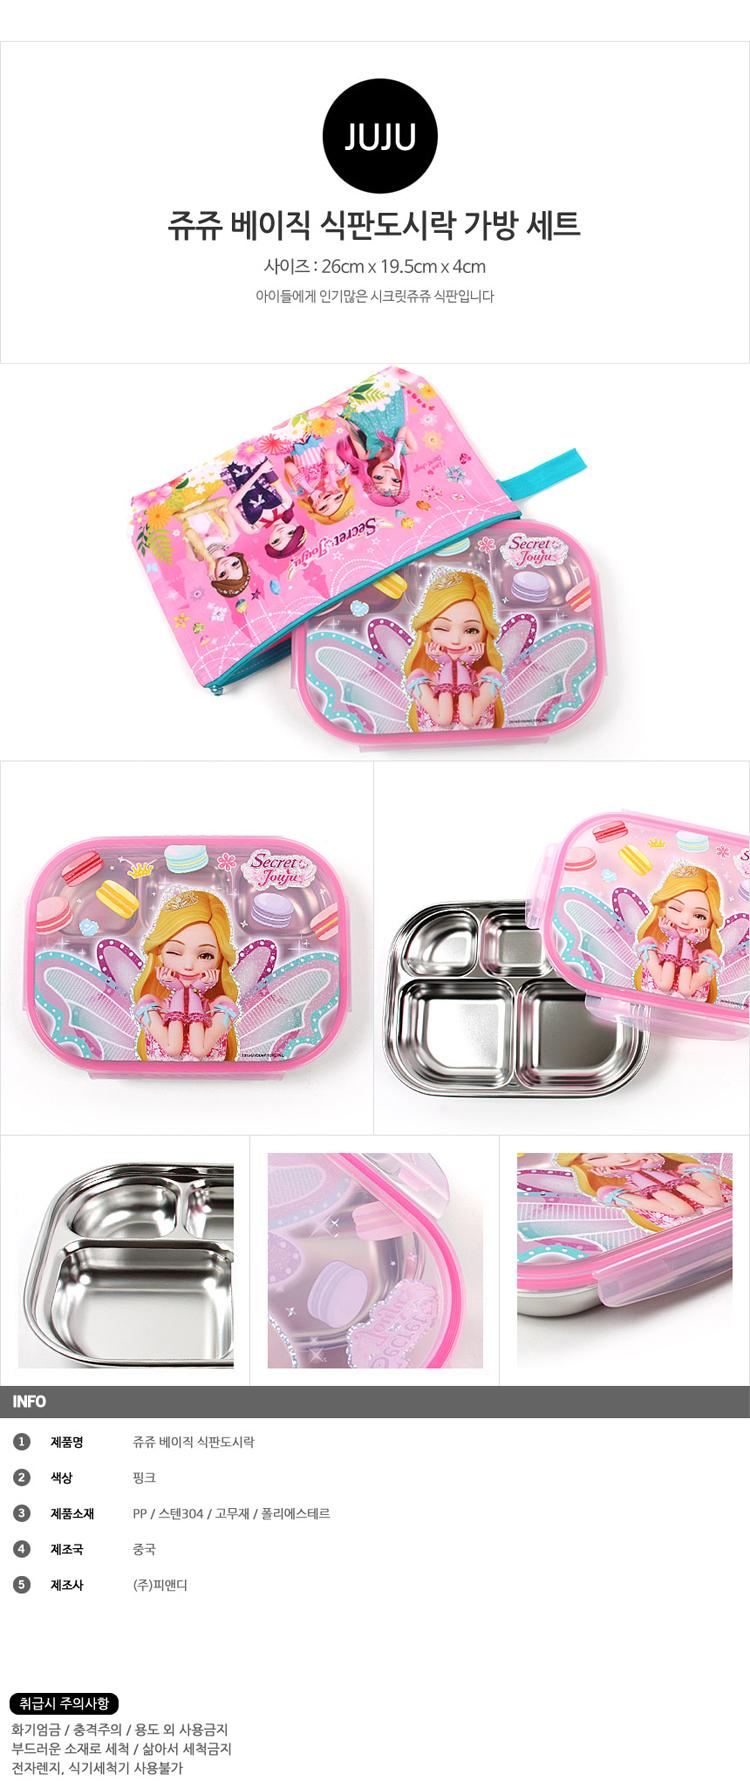 아동식판,아동도시락가방, 도시락세트,식기세트,어린이식기세트,아동도시락세트